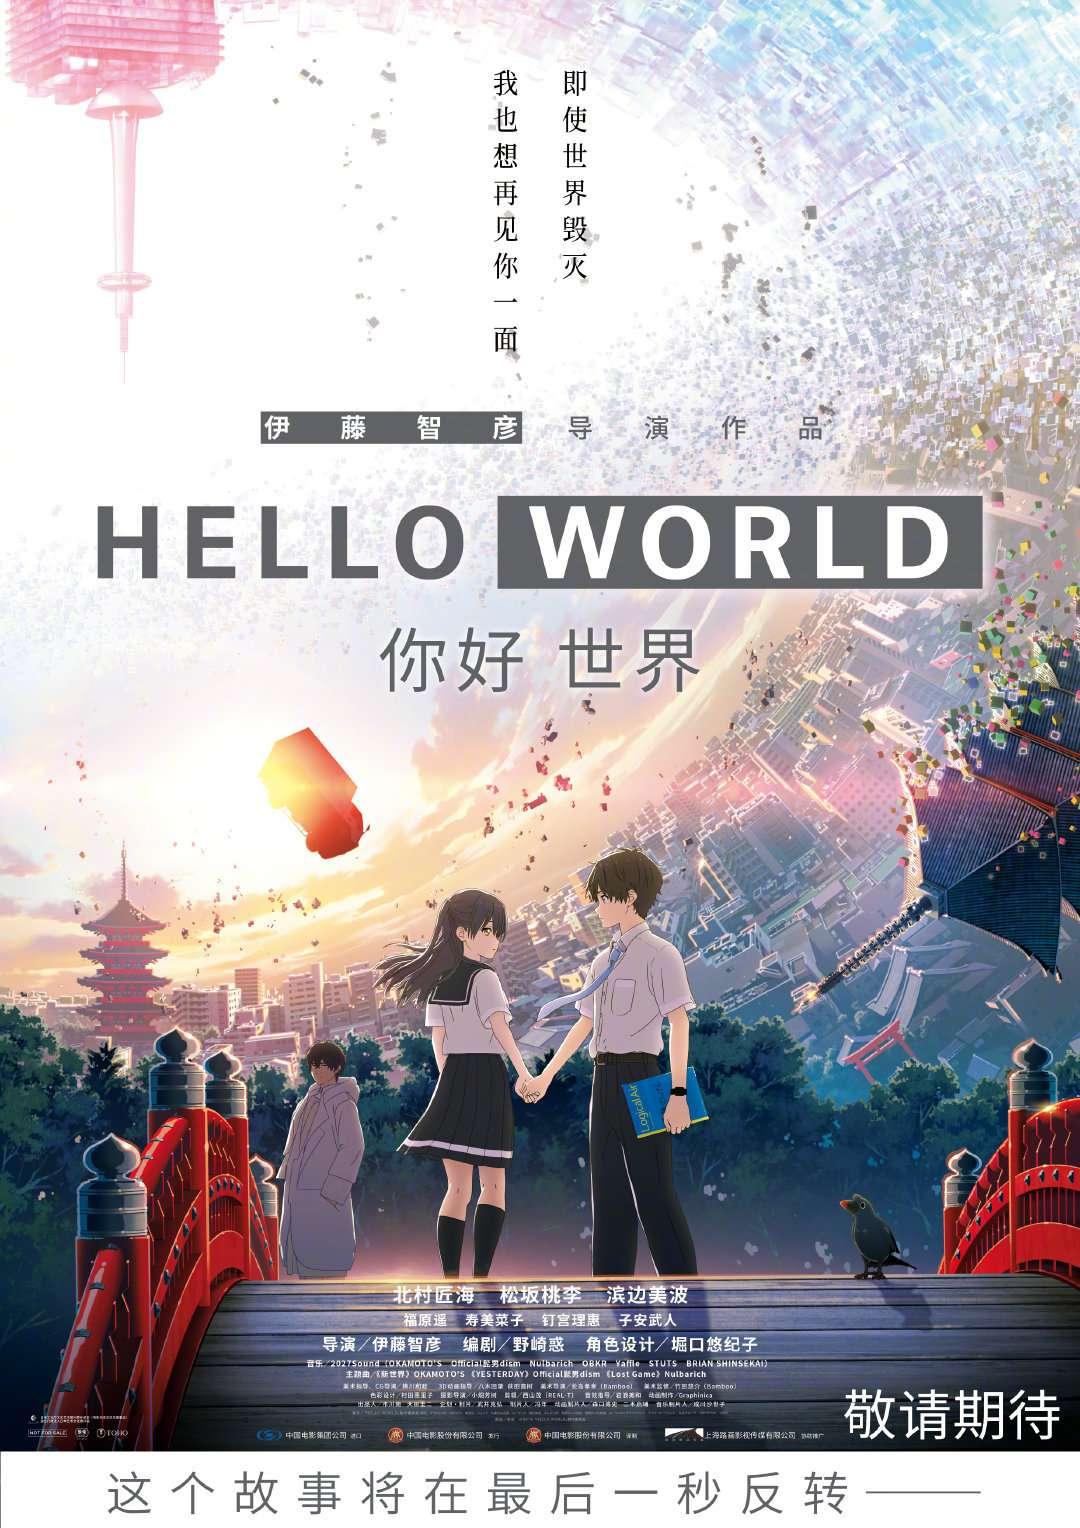 【资讯】《你好世界》确认引进-小柚妹站